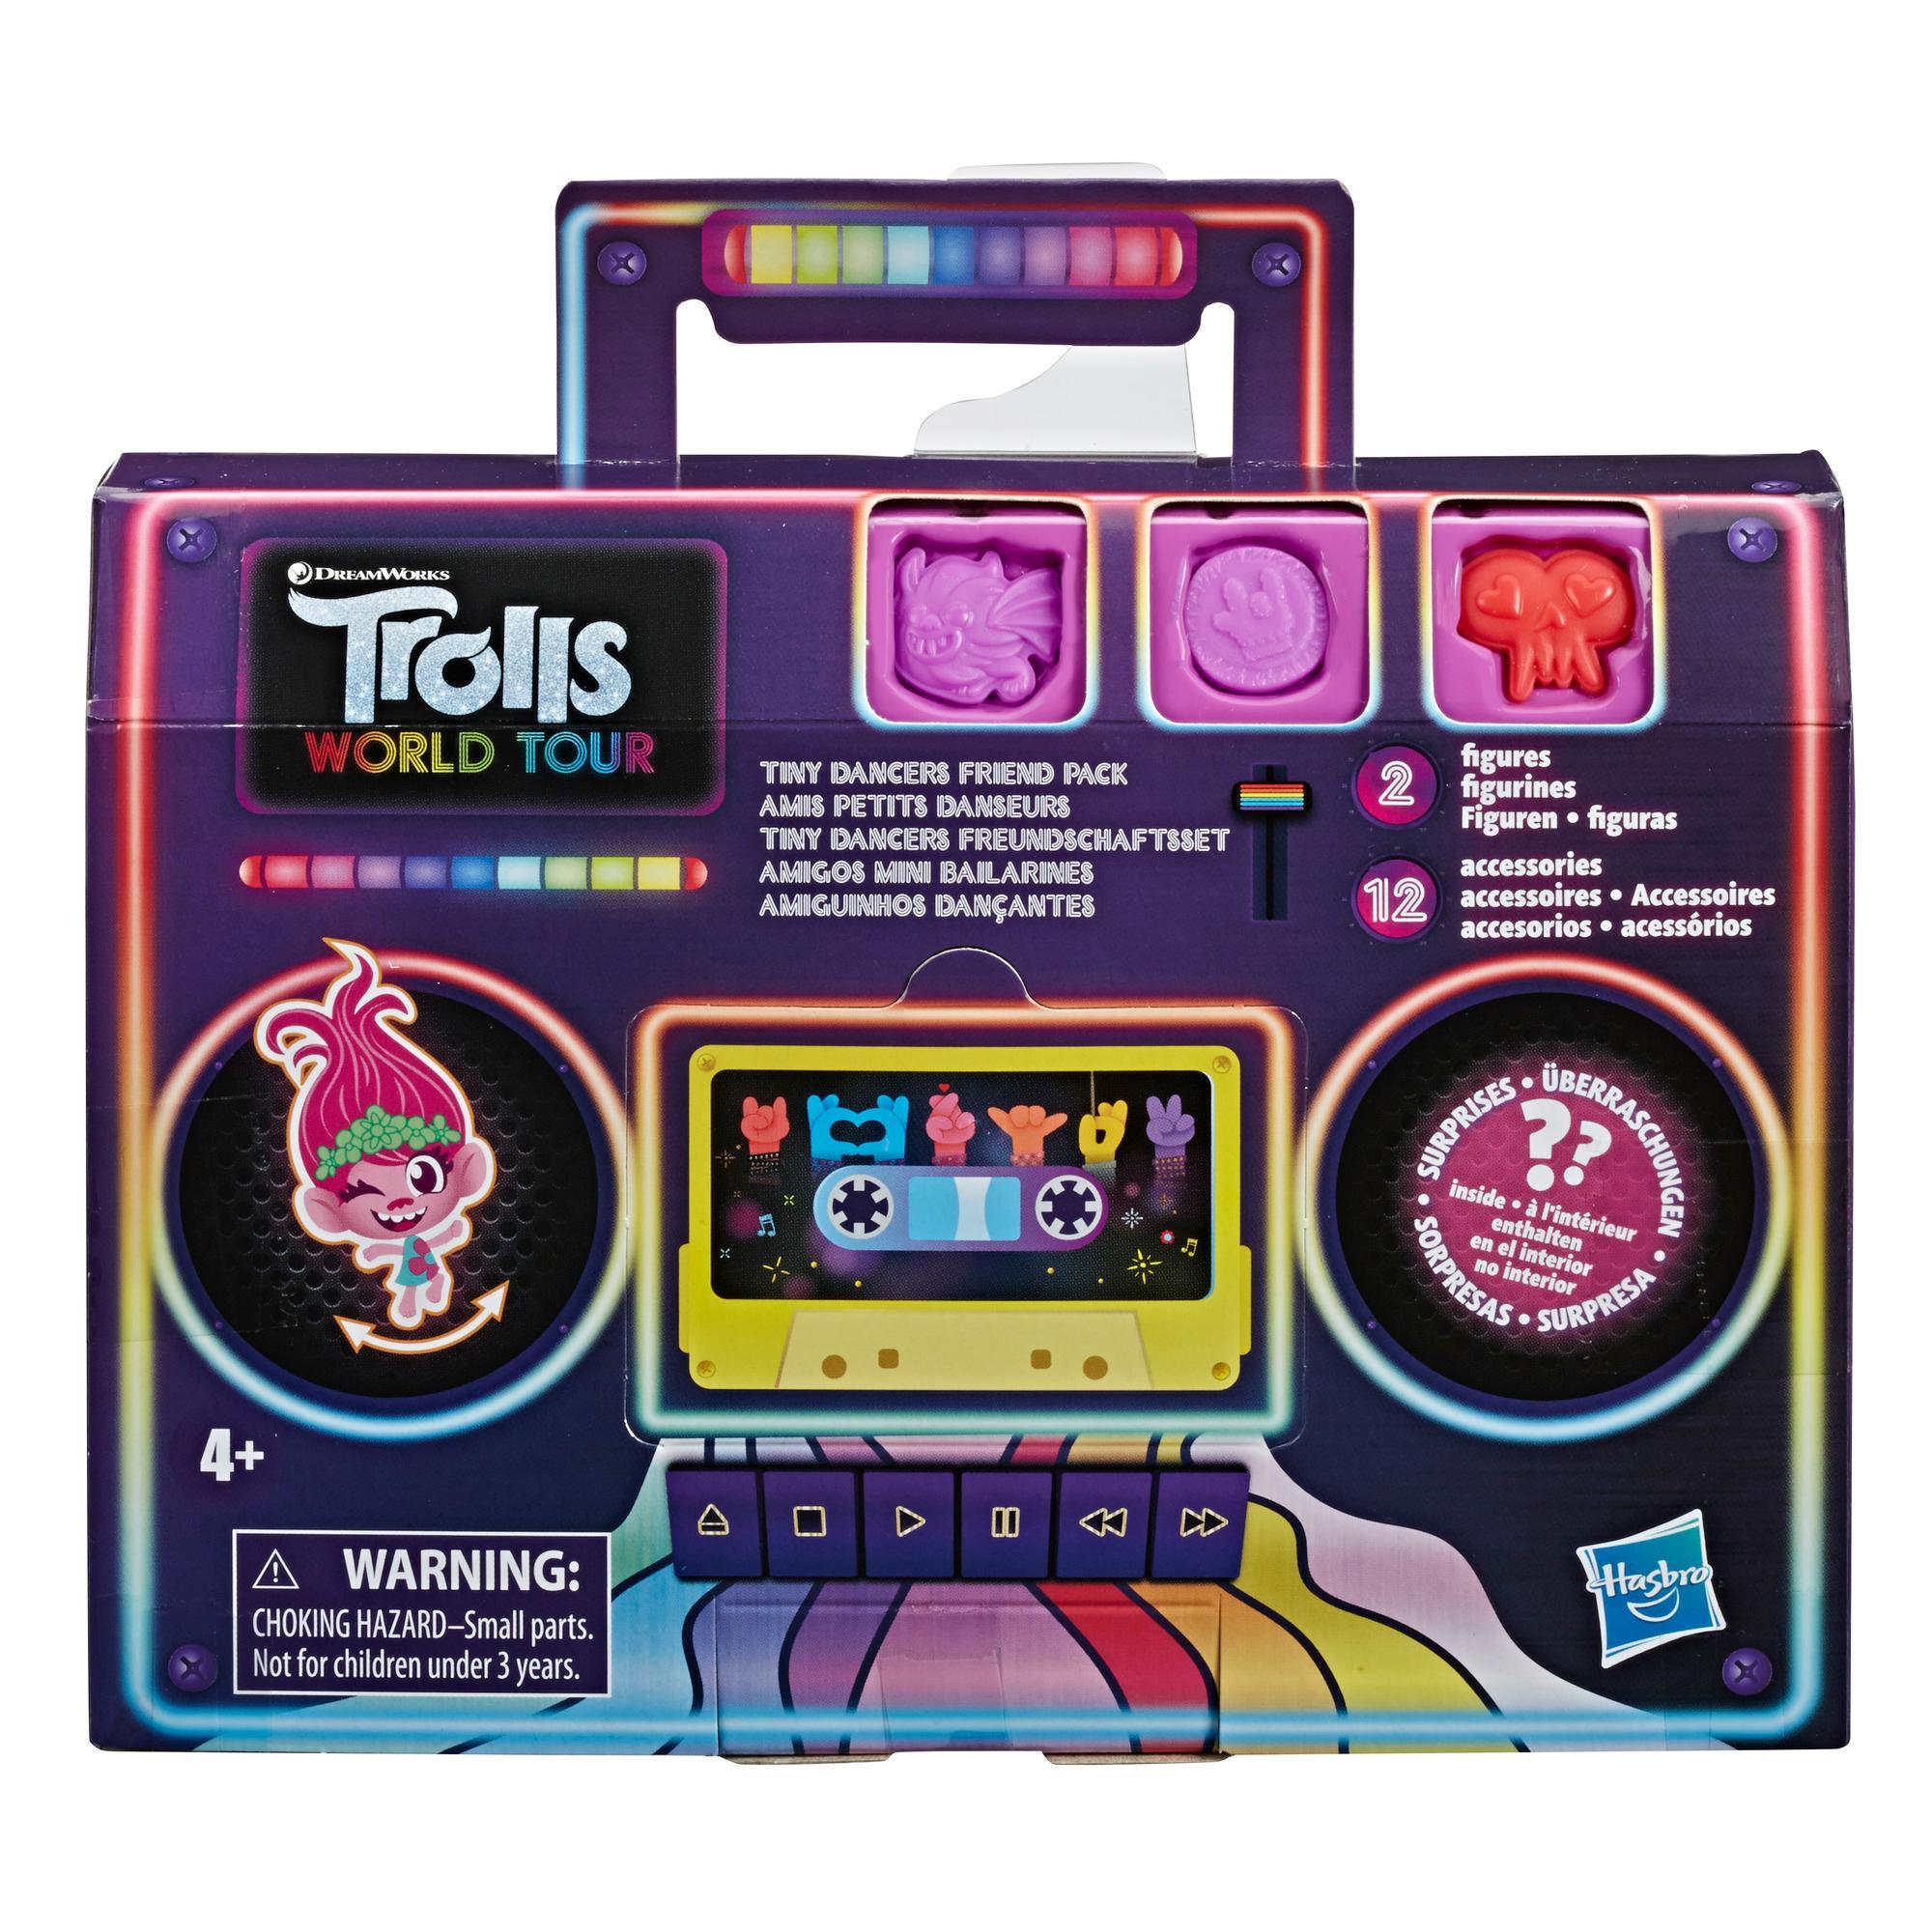 Trolls da DreamWorks Amiguinhos dançantes com 2 Pequenos dançarinos, 2 braceletes e 10 pingentes. Brinquedo inspirado no filme Trolls World Tour